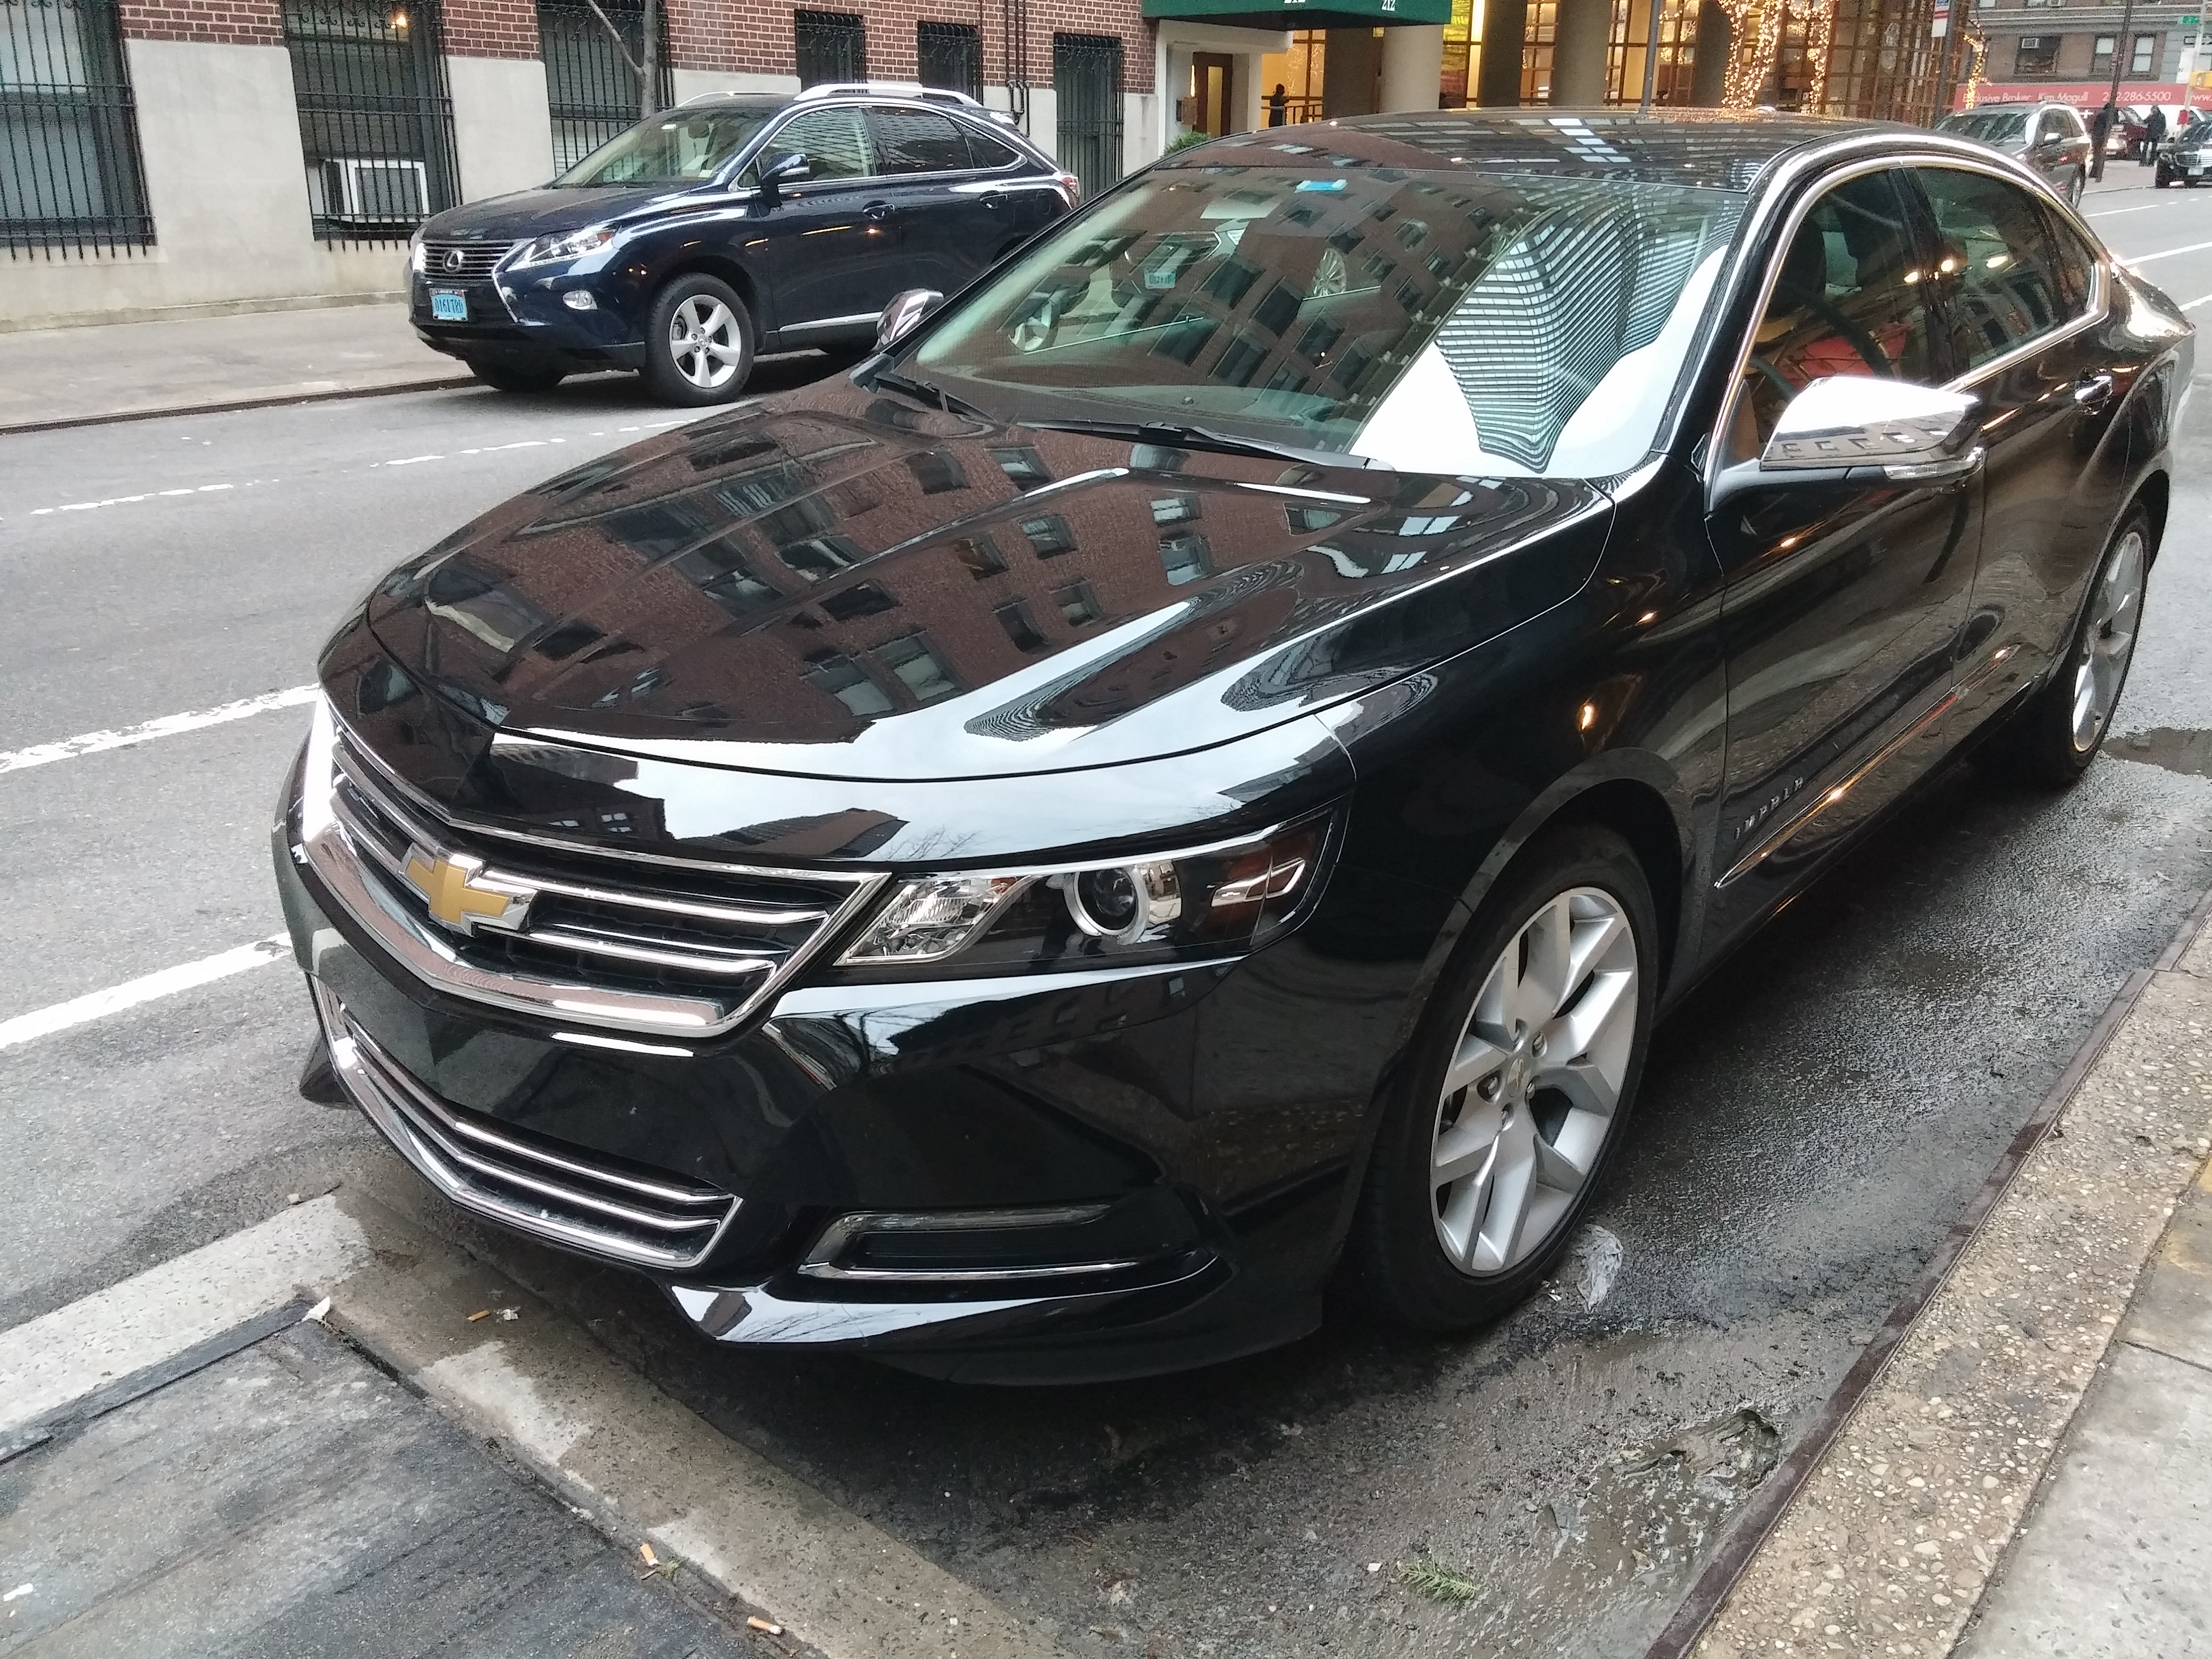 2015 Chevrolet Impala Reviews, Specs and Prices   Cars.com